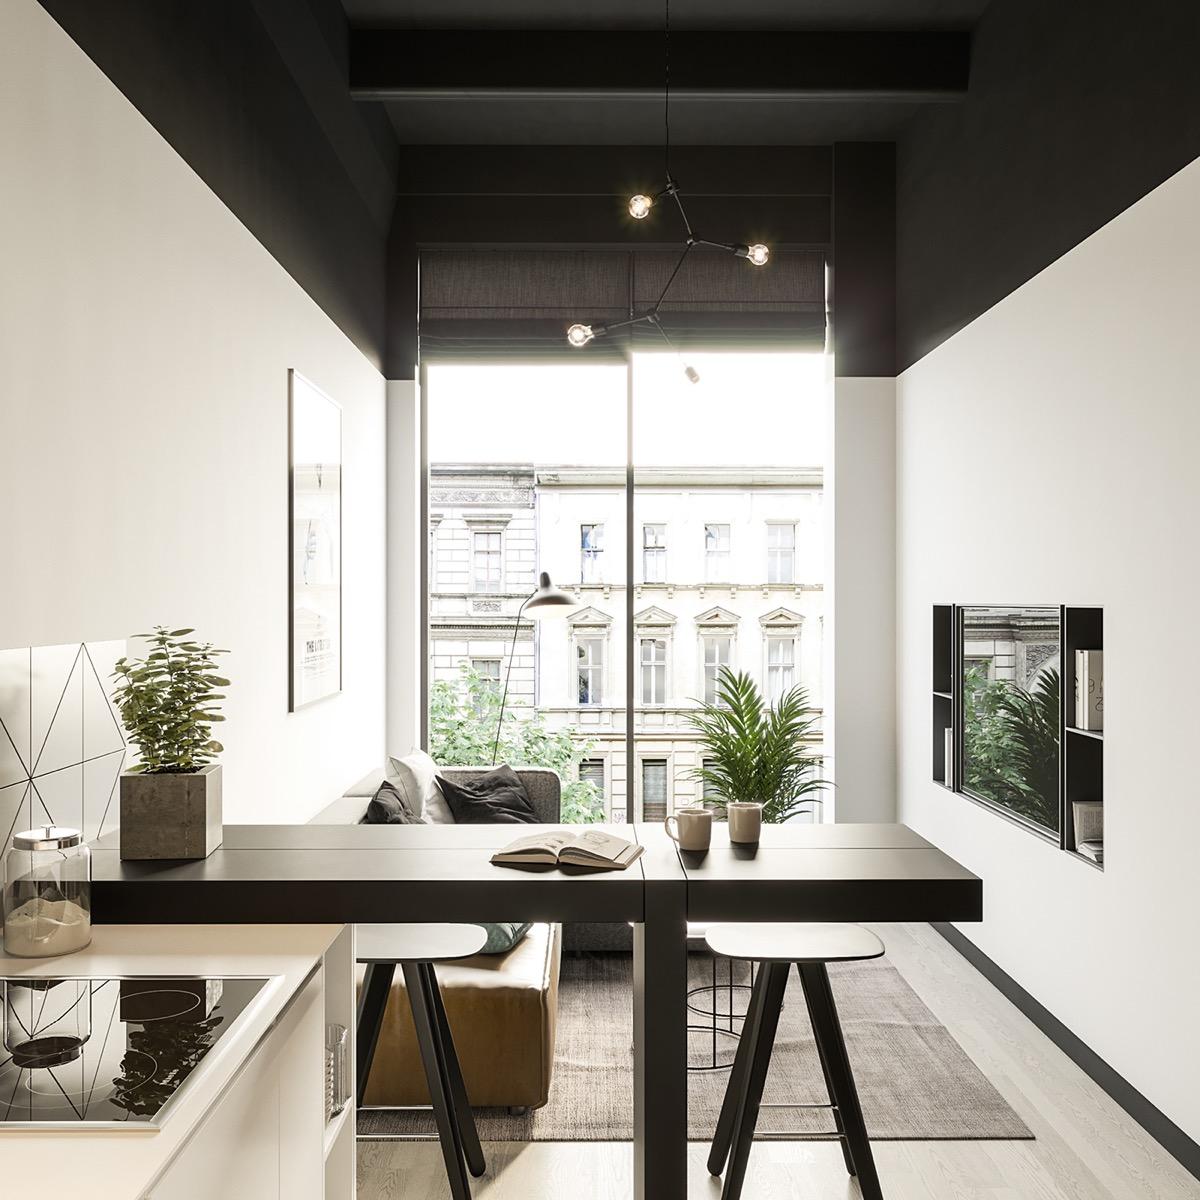 50 Square Meter Apartment Unconventional Interior Design